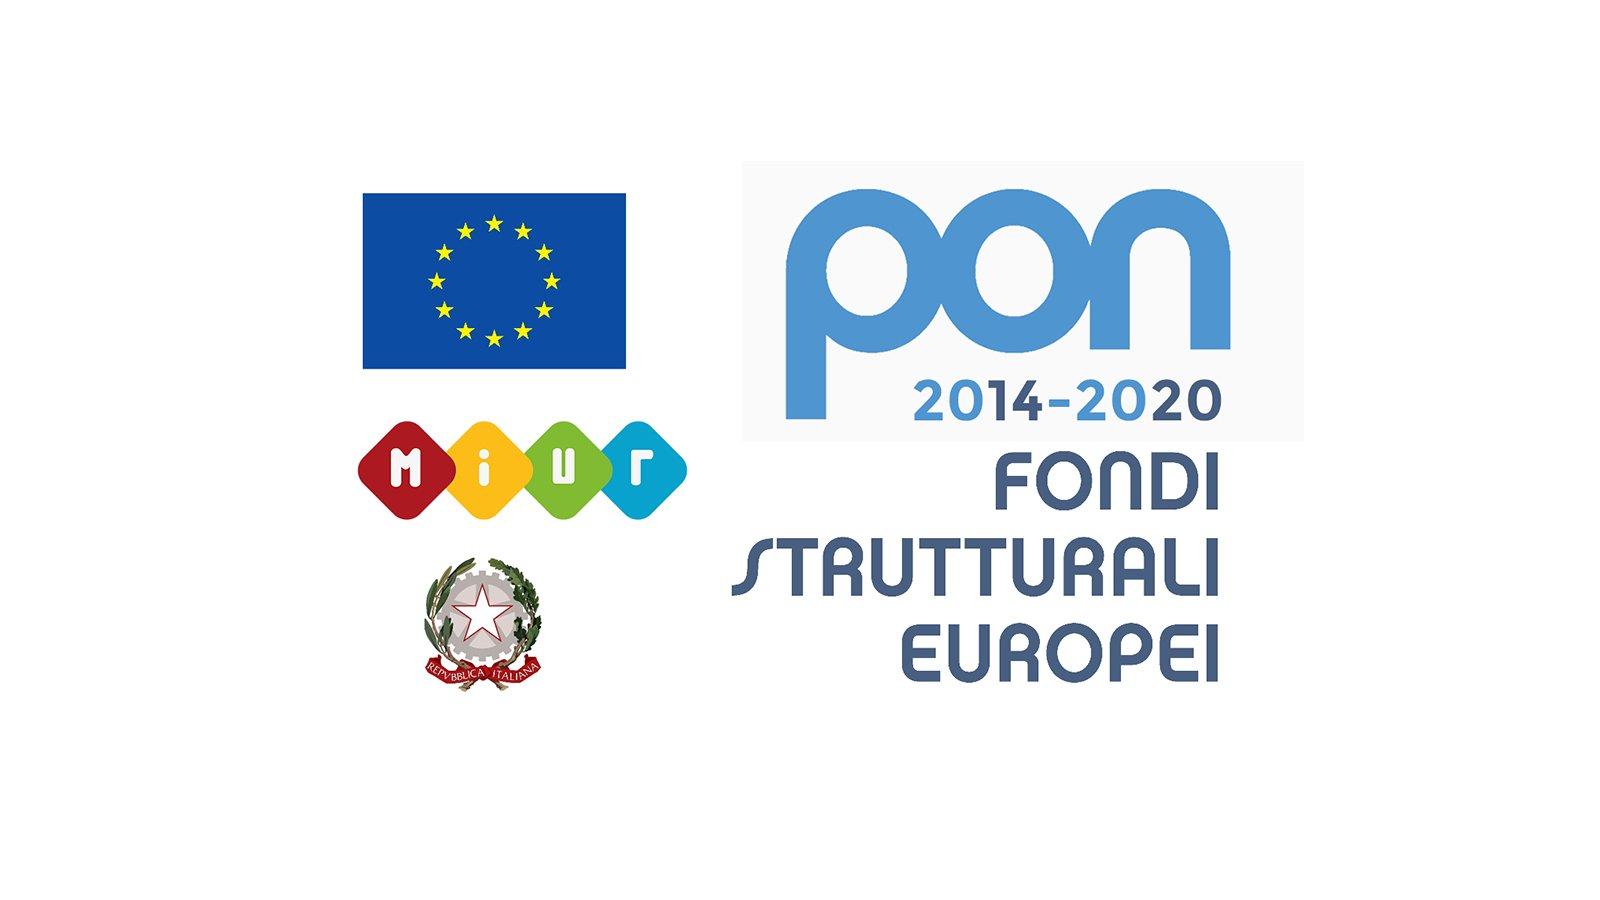 Cartello con l'annuncio del progetto 2014-2020 dell'Union europea per lo sviluppo